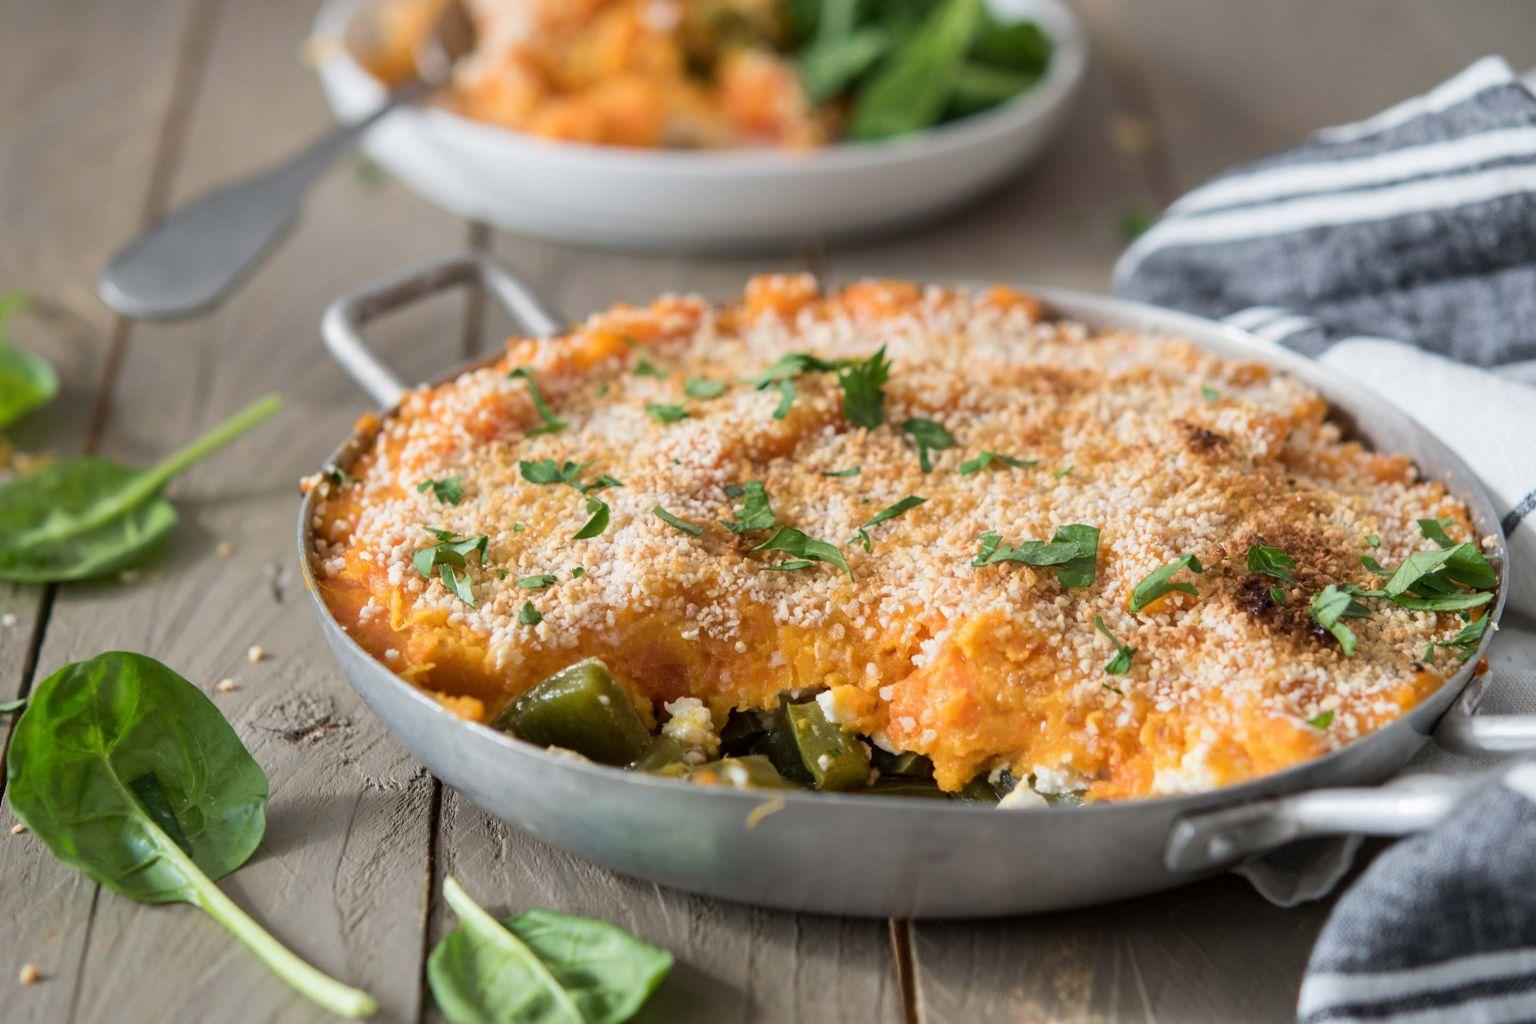 Recette parmentier de patate douce au poivron et la f ta quitoque - Comment cuisiner la patate douce a la poele ...